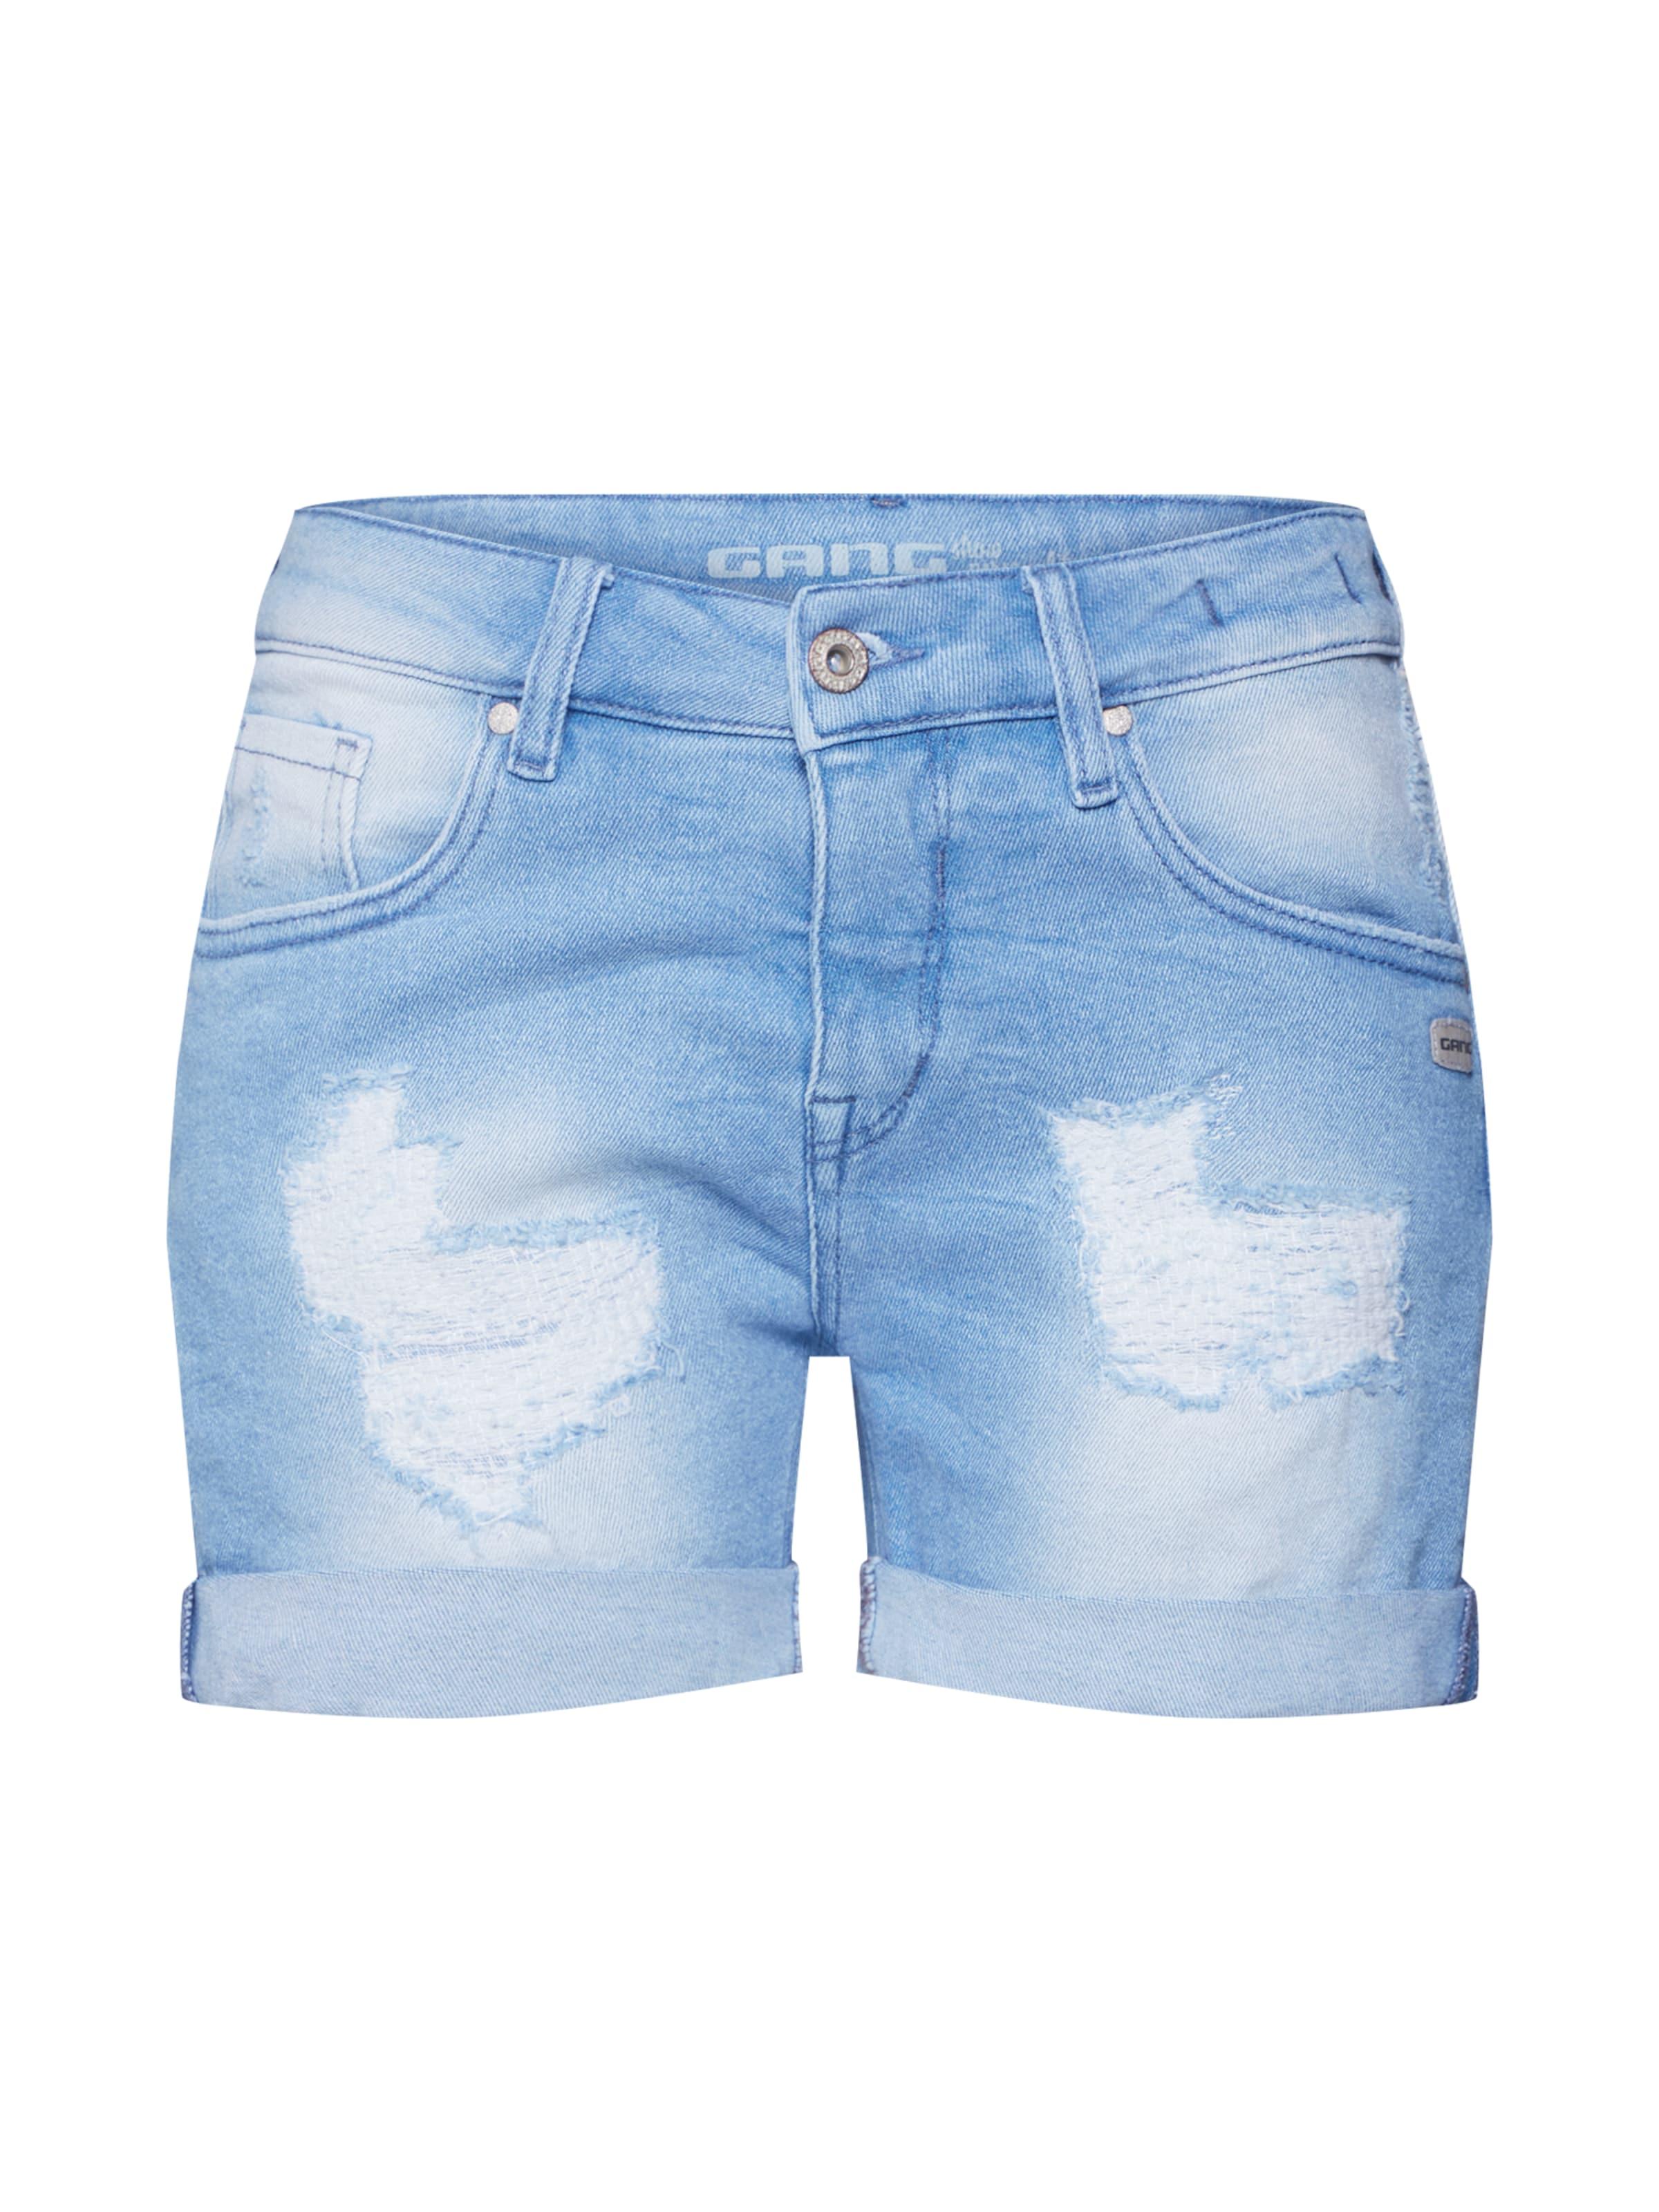 Gang In 'orseta' Shorts Blue DenimHellblau ZkwXiOPuT